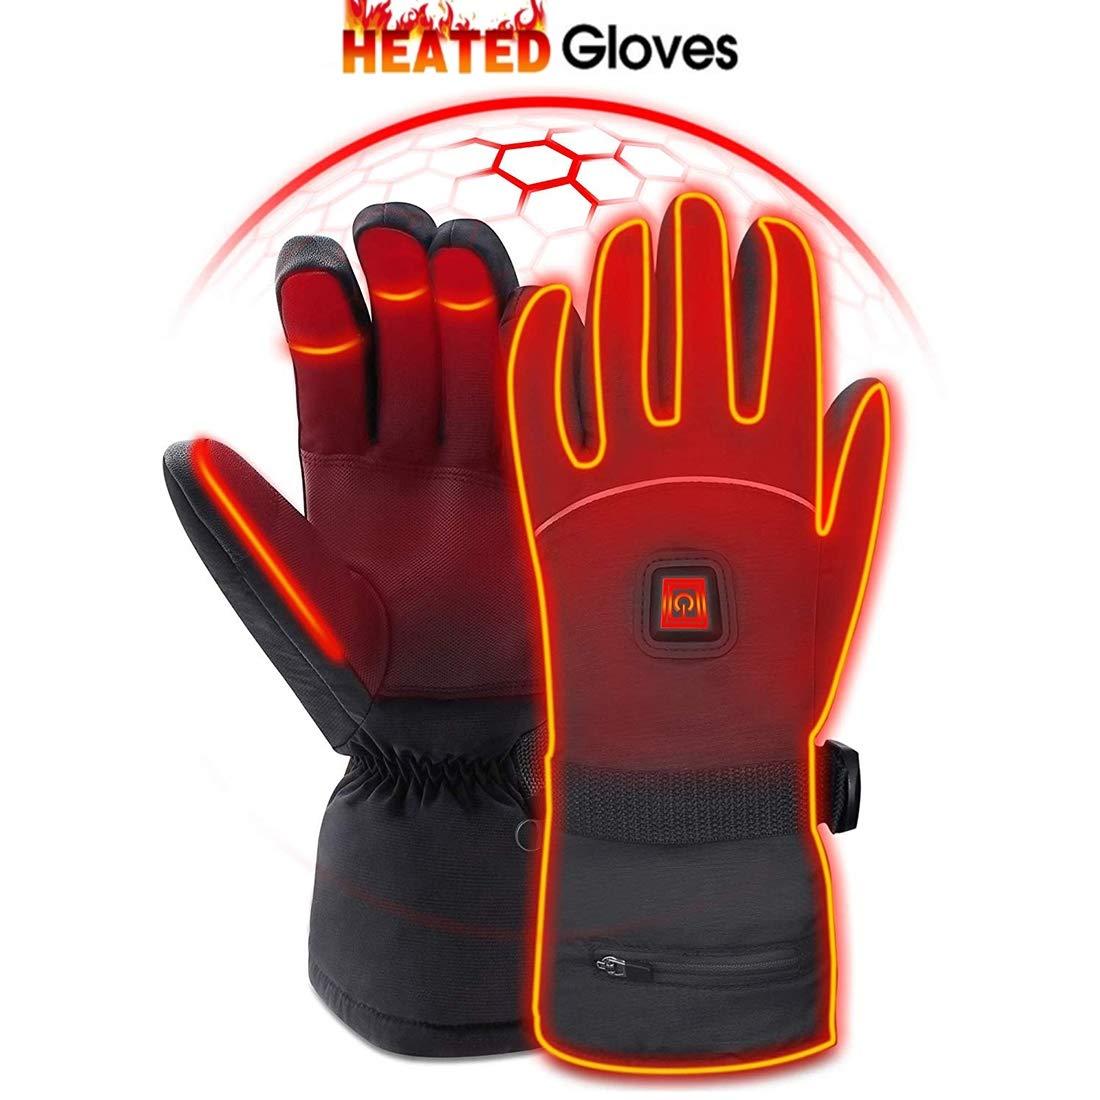 Winter warme Handschuhe, beheizte warme Handschuhe für Männer und Frauen, wiederaufladbare, wasserdichte isolierte 7.4V-Handwärmer für Indoor-Outdoor-Sportarten, Skifahren, Klettern, drei Heizmodi,M